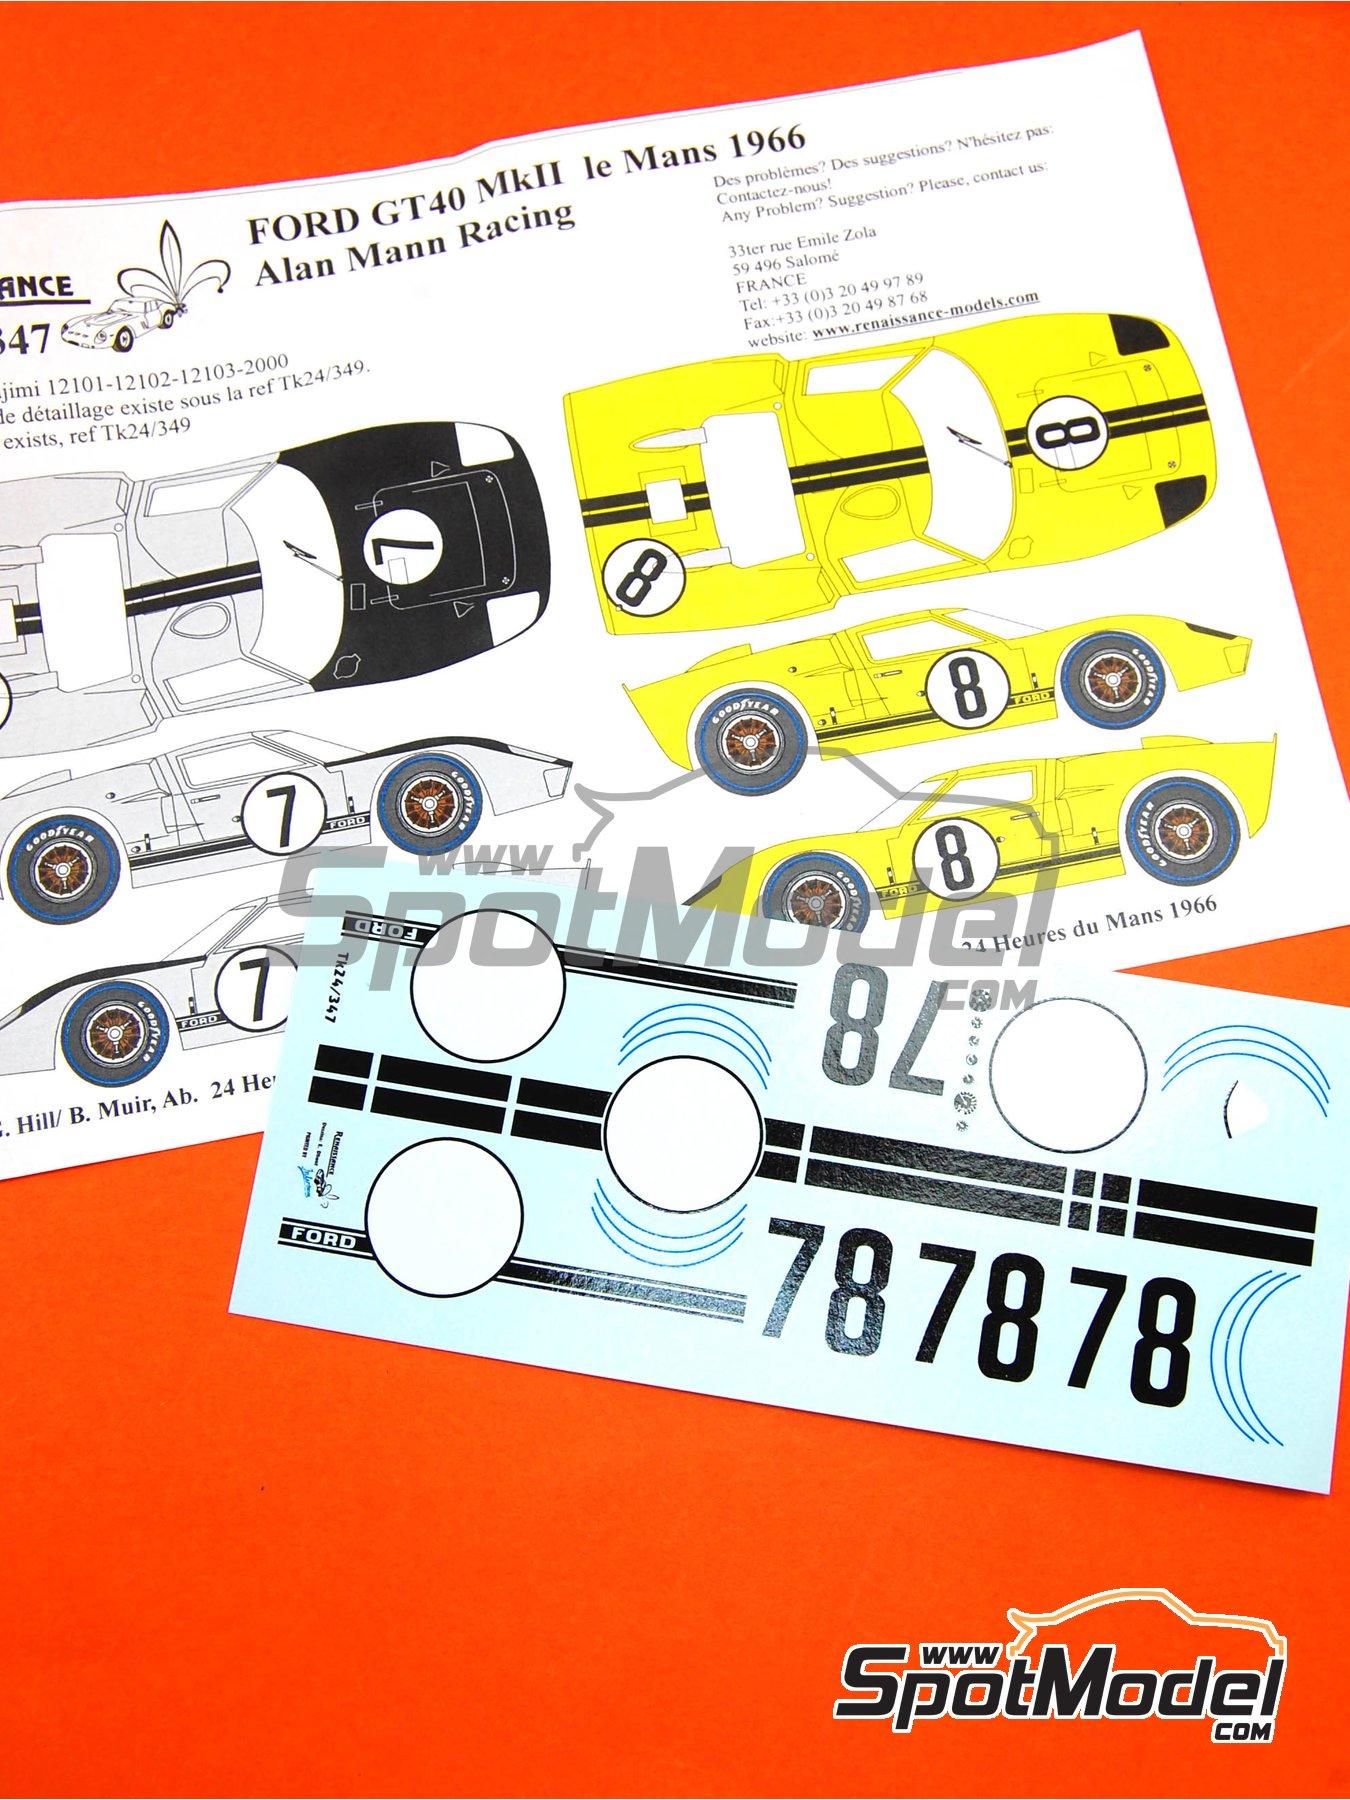 Ford GT40 Mk II Alan Mann Racing - 24 Horas de Le Mans 1966 | Decoración en escala1/24 fabricado por Renaissance Models (ref.TK24-347) image